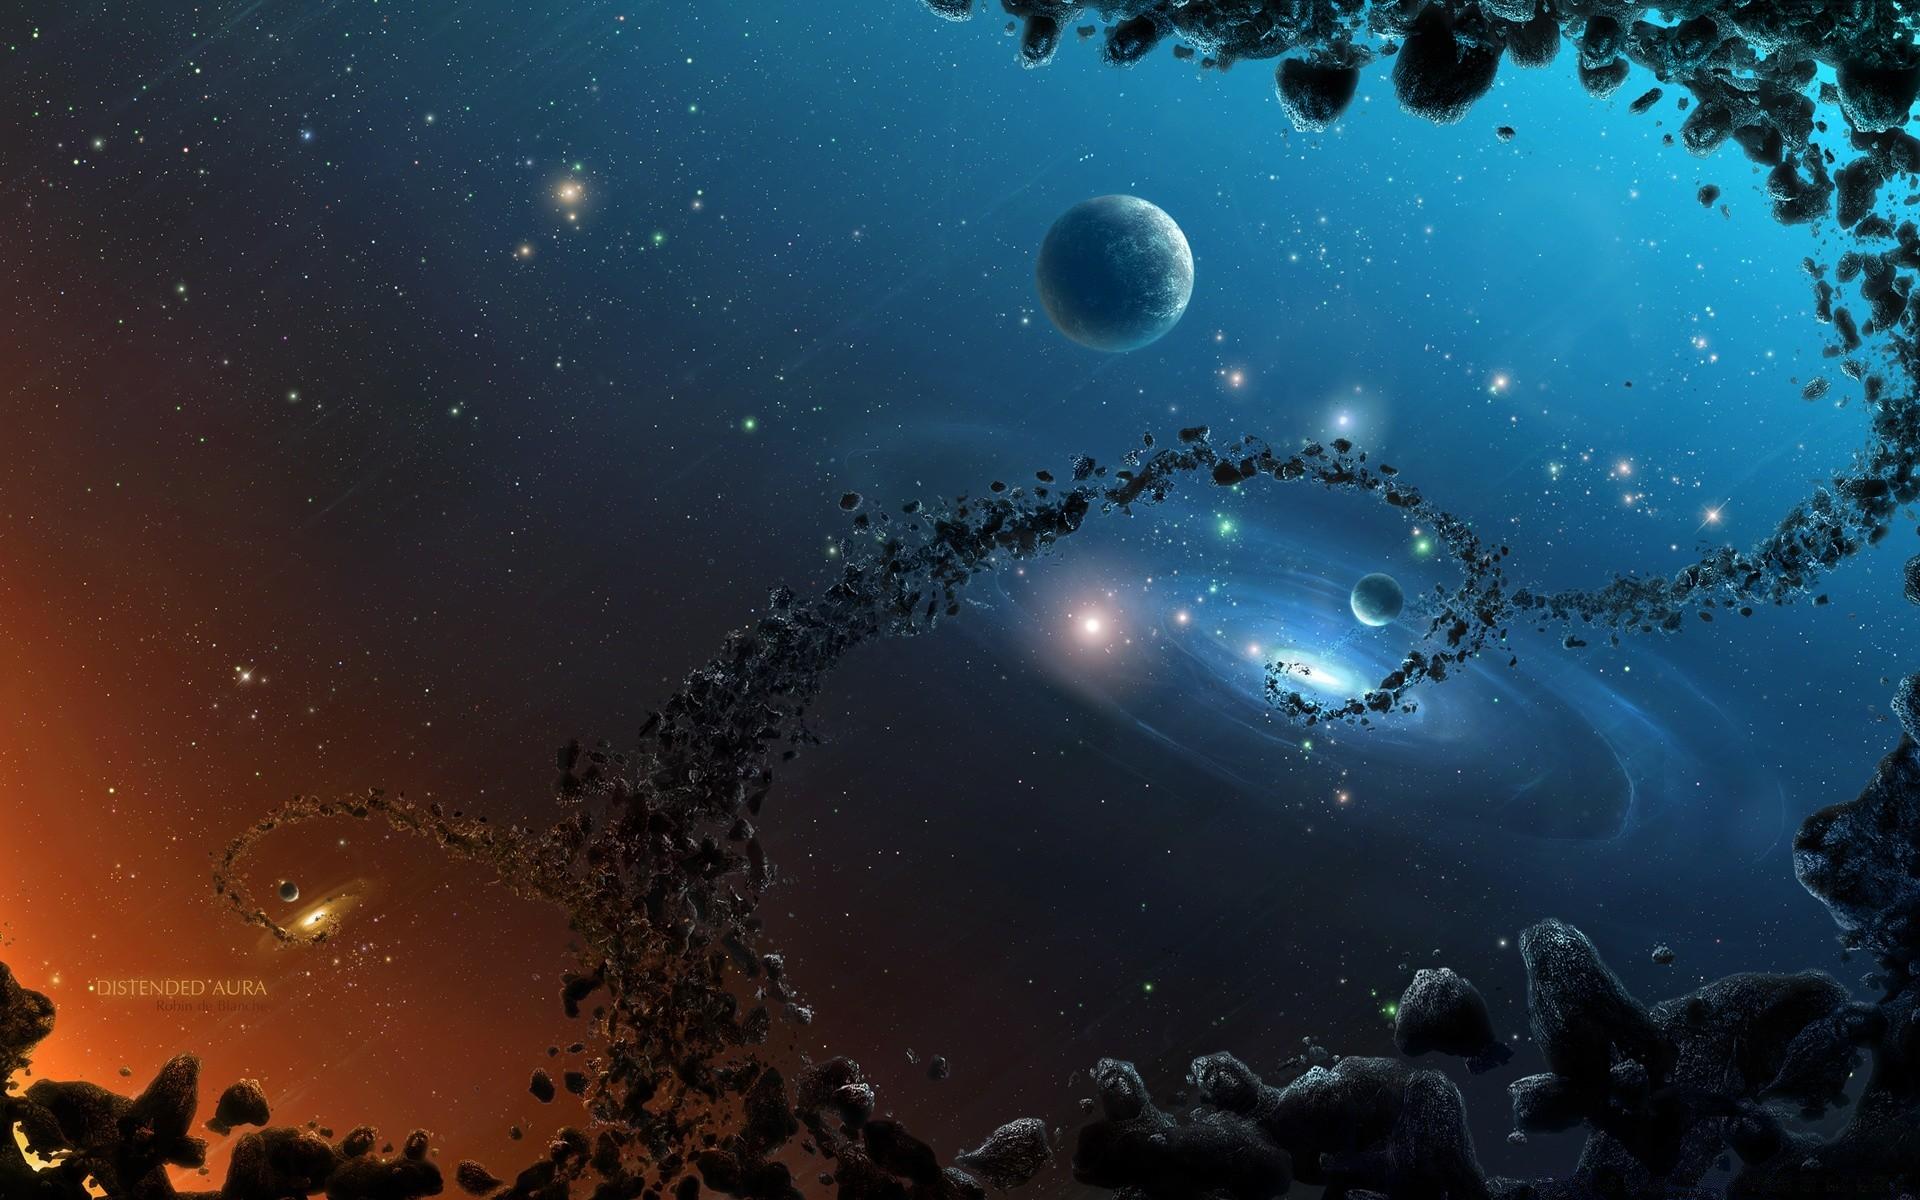 Картинки для клавиатуры на телефон на тему космос